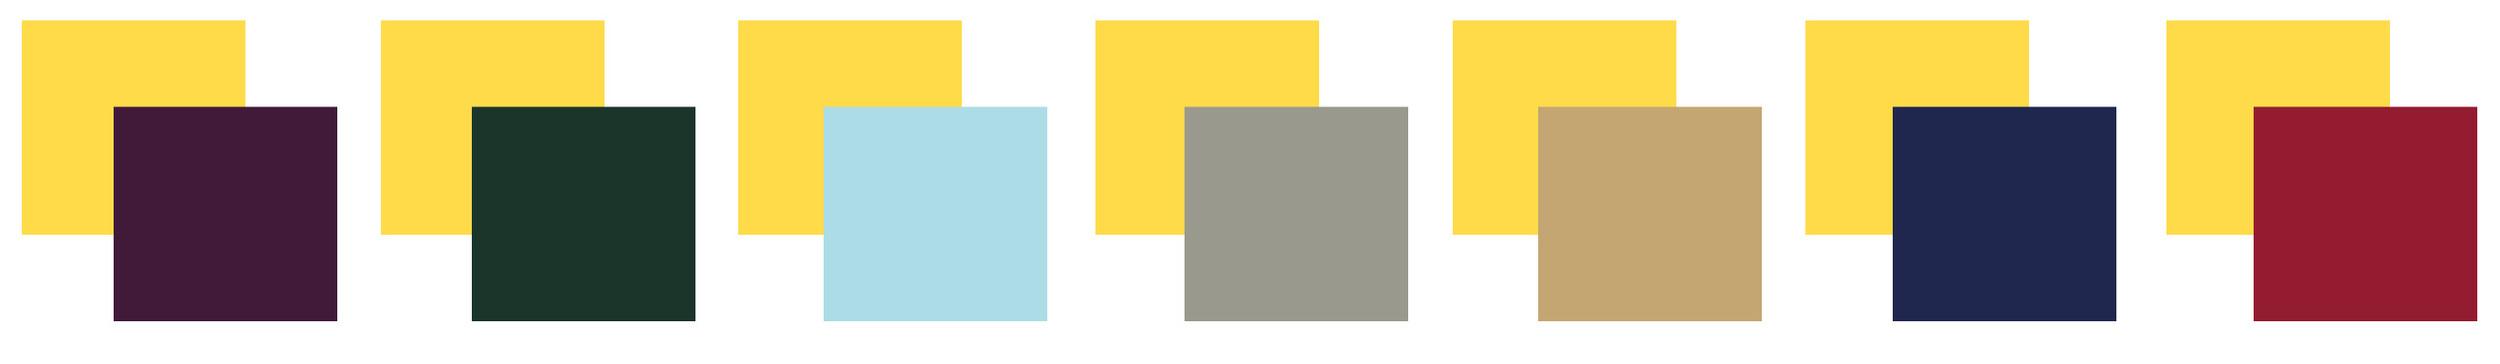 yellow_pairings.jpg